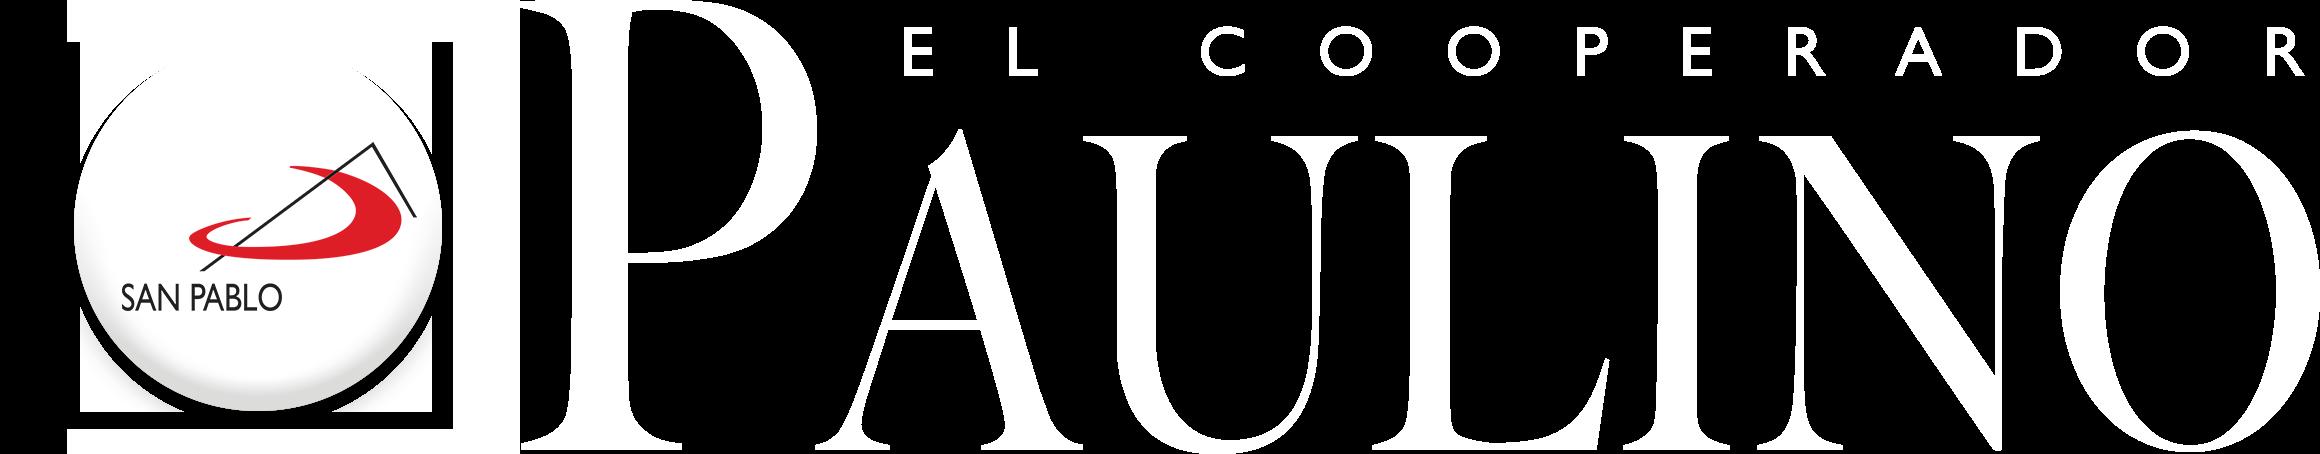 Revista Digital El Cooperador Paulino